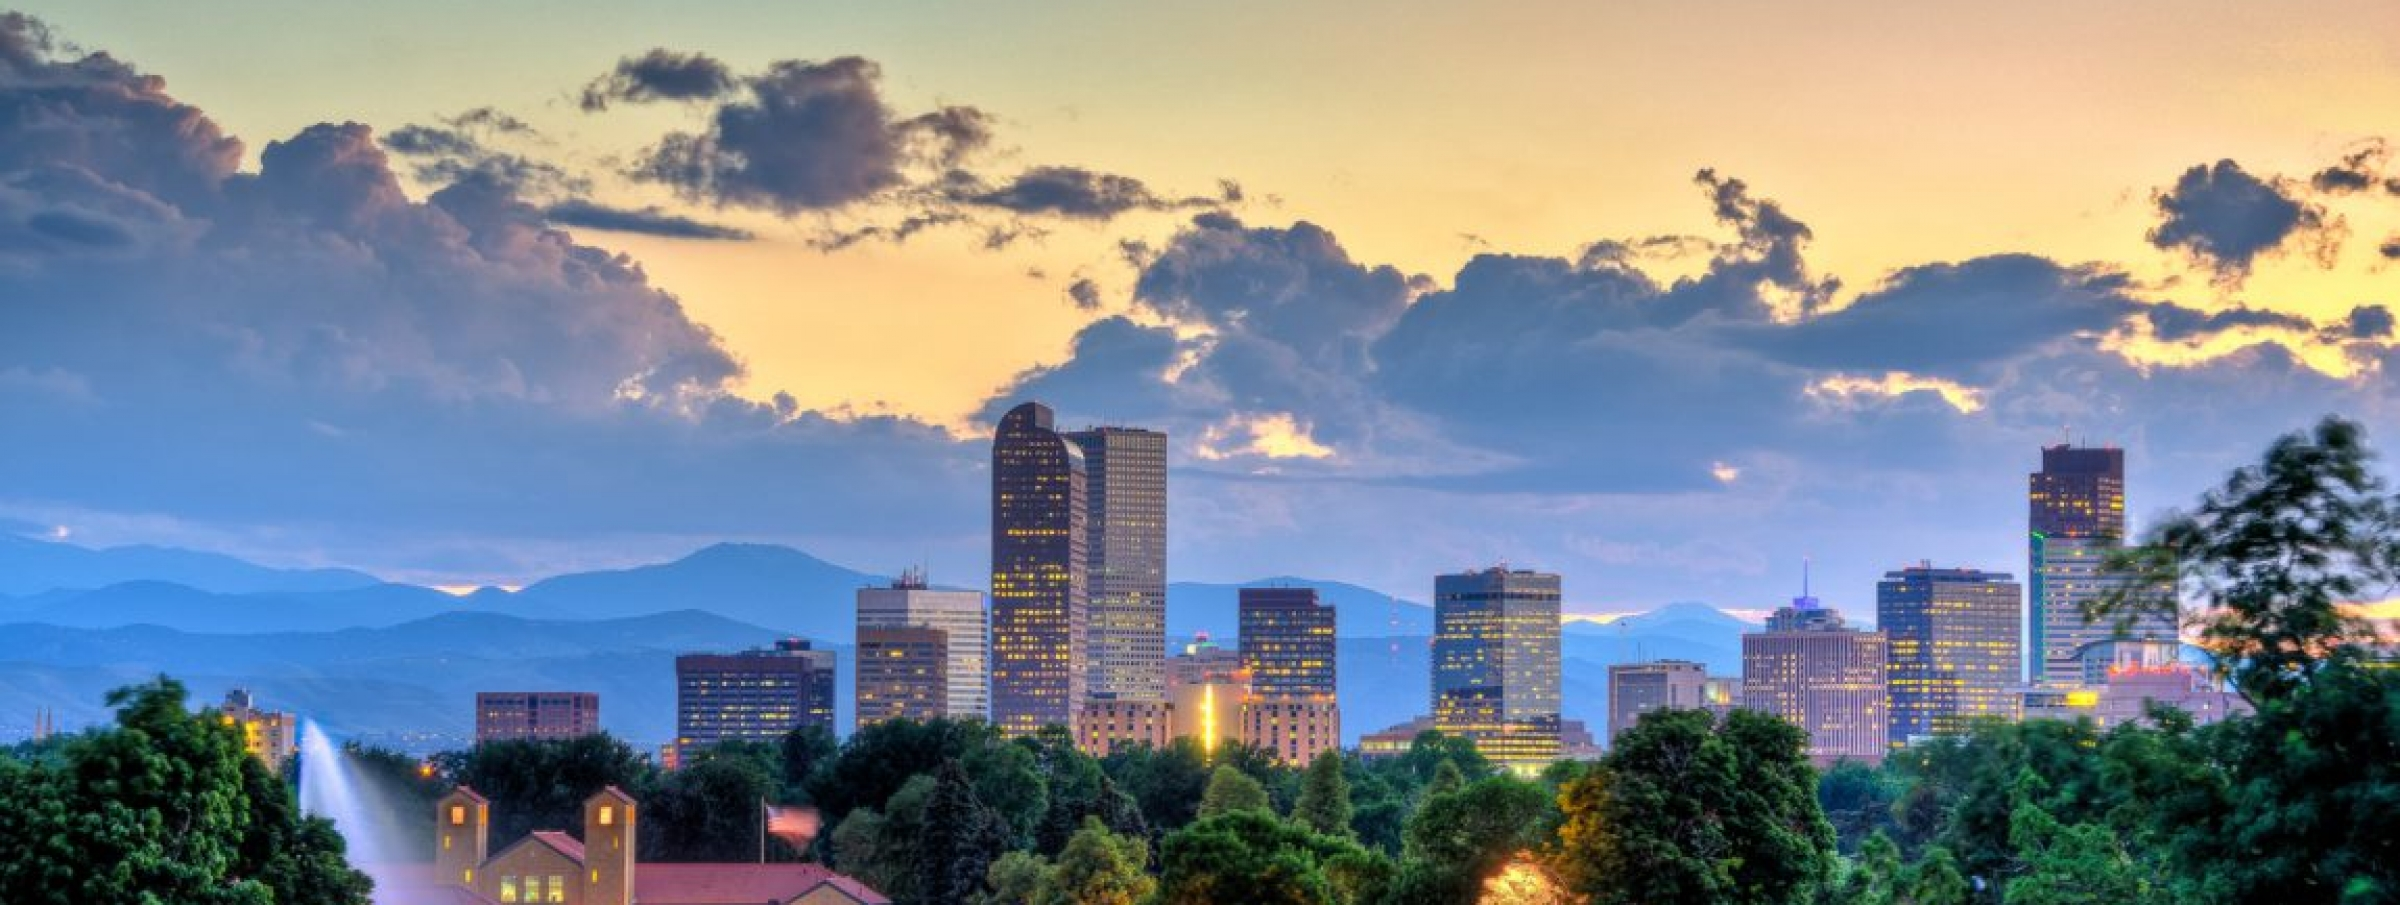 Best Denver sunset from City Park